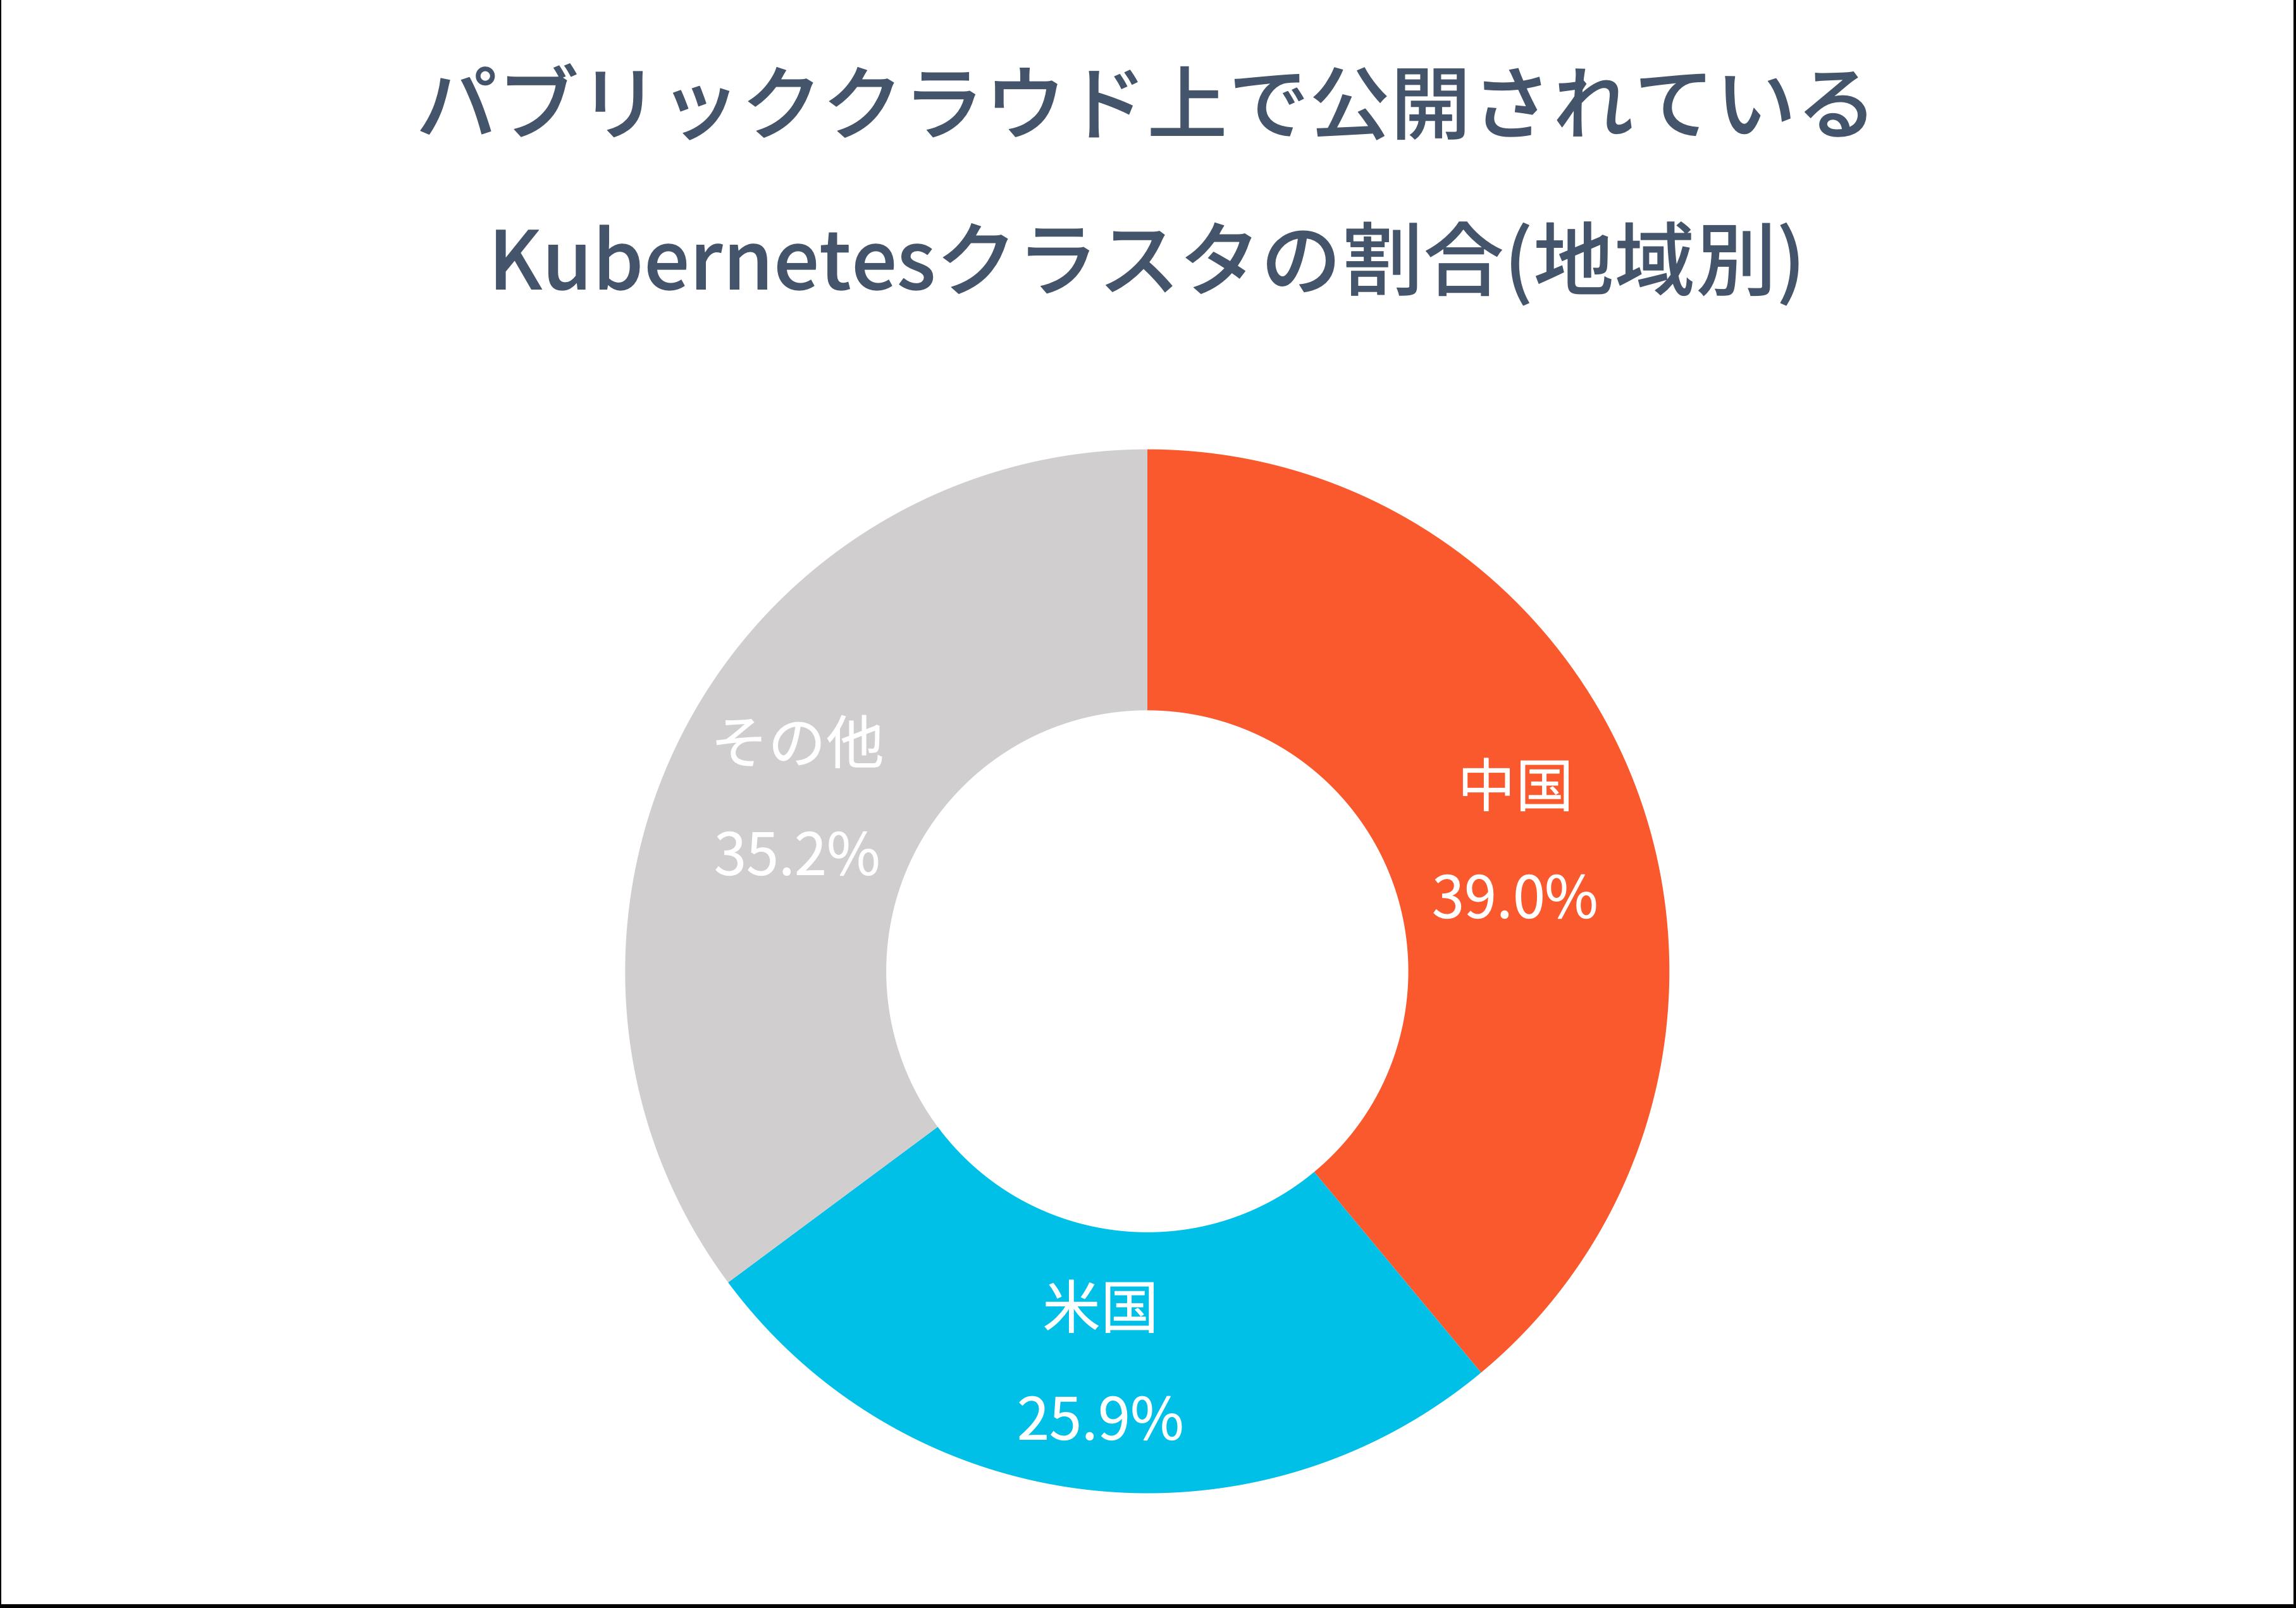 図7 パブリッククラウドサービスプロバイダにおける公開Kubernetesクラスタ